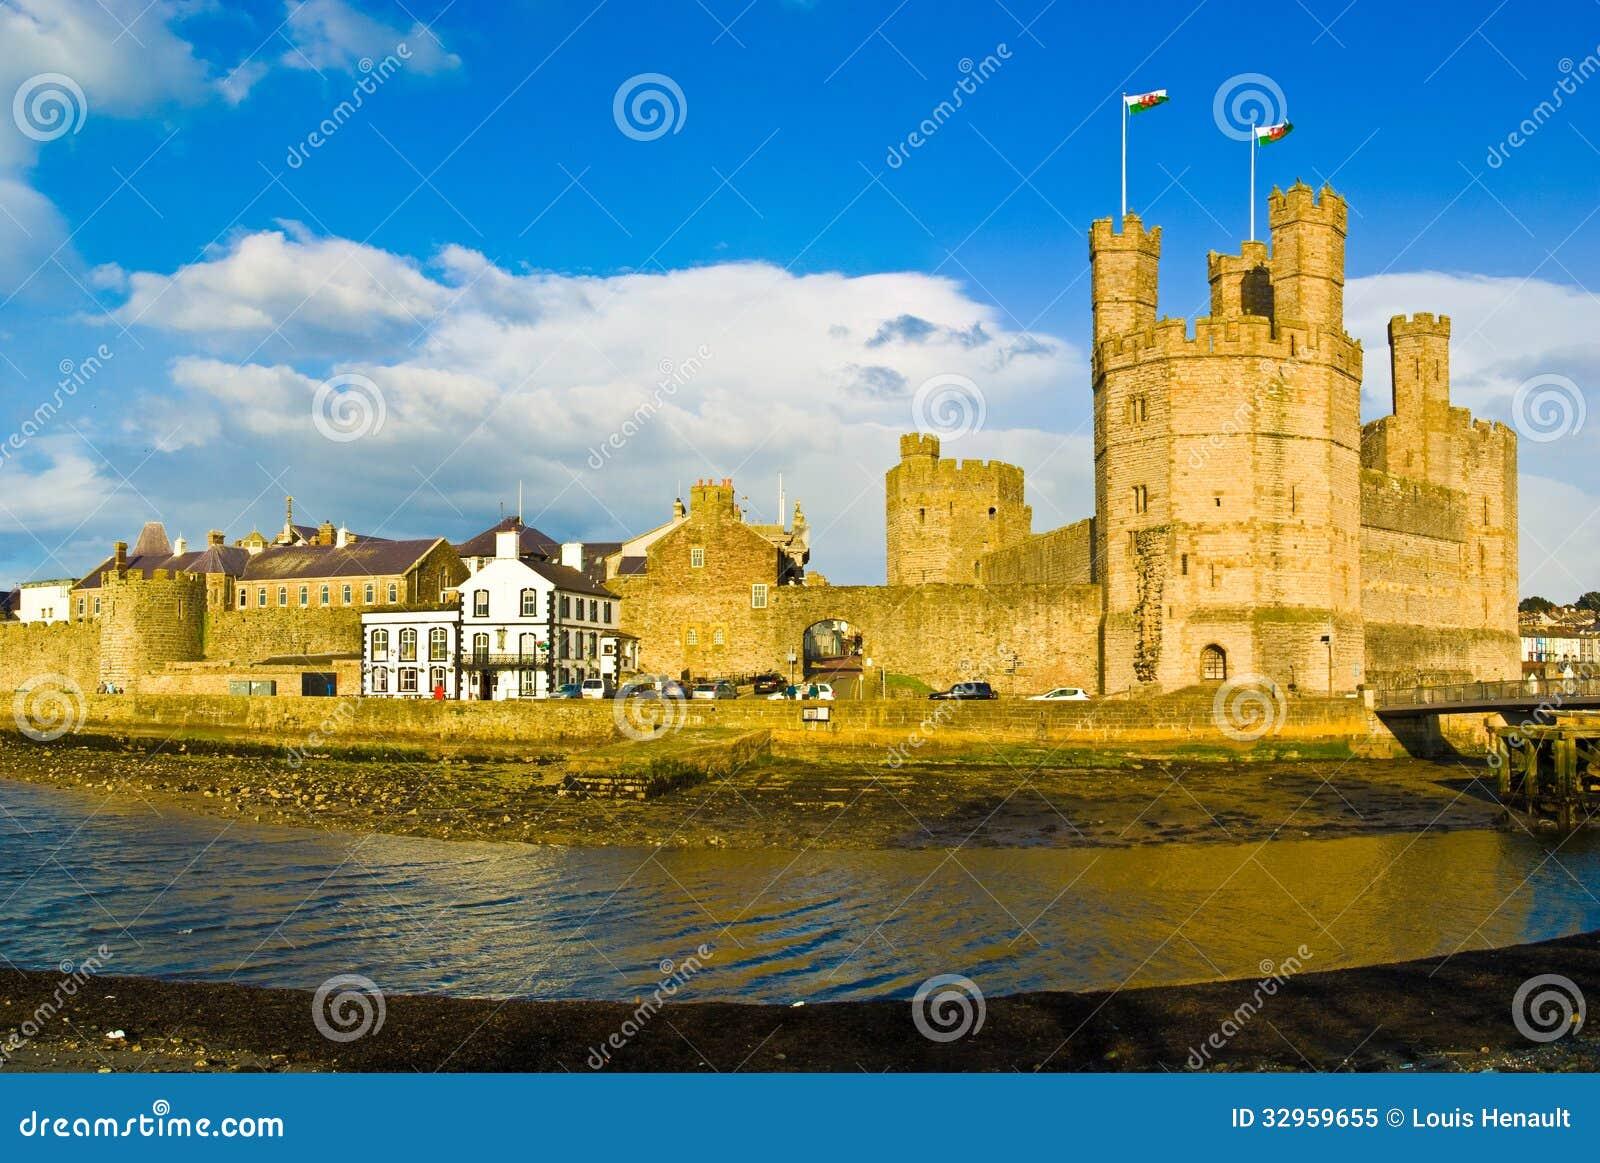 Castelo de Caernarfon, Gales